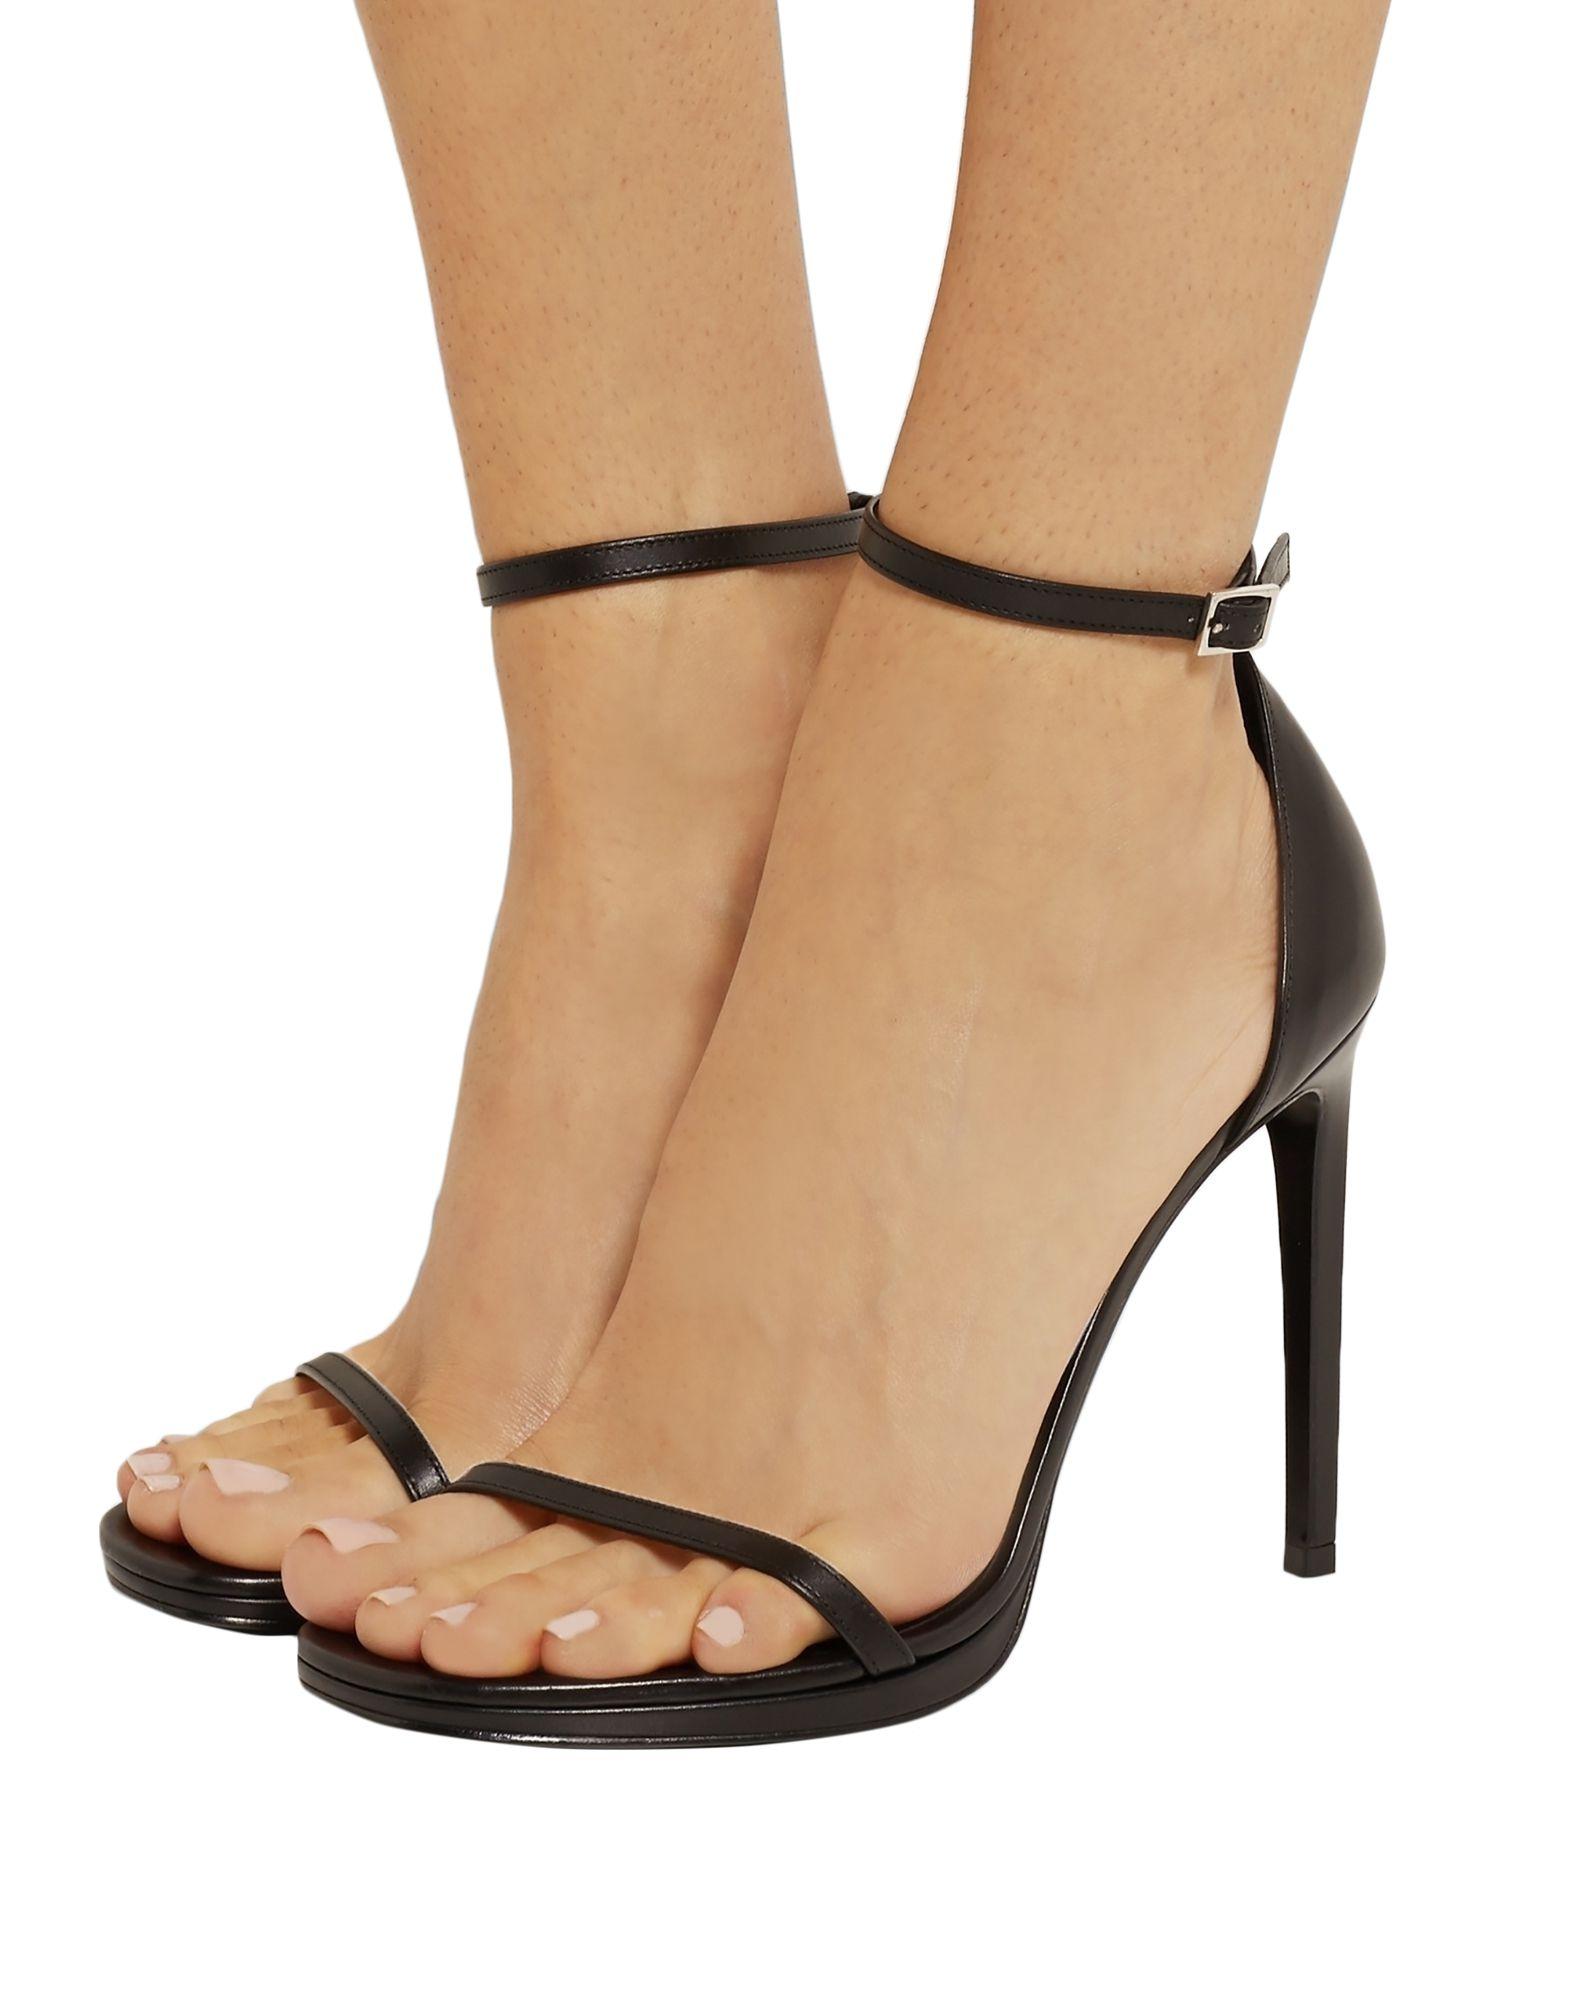 Saint Laurent Sandals - - - Women Saint Laurent Sandals online on  Canada - 11454835QK 22c49e